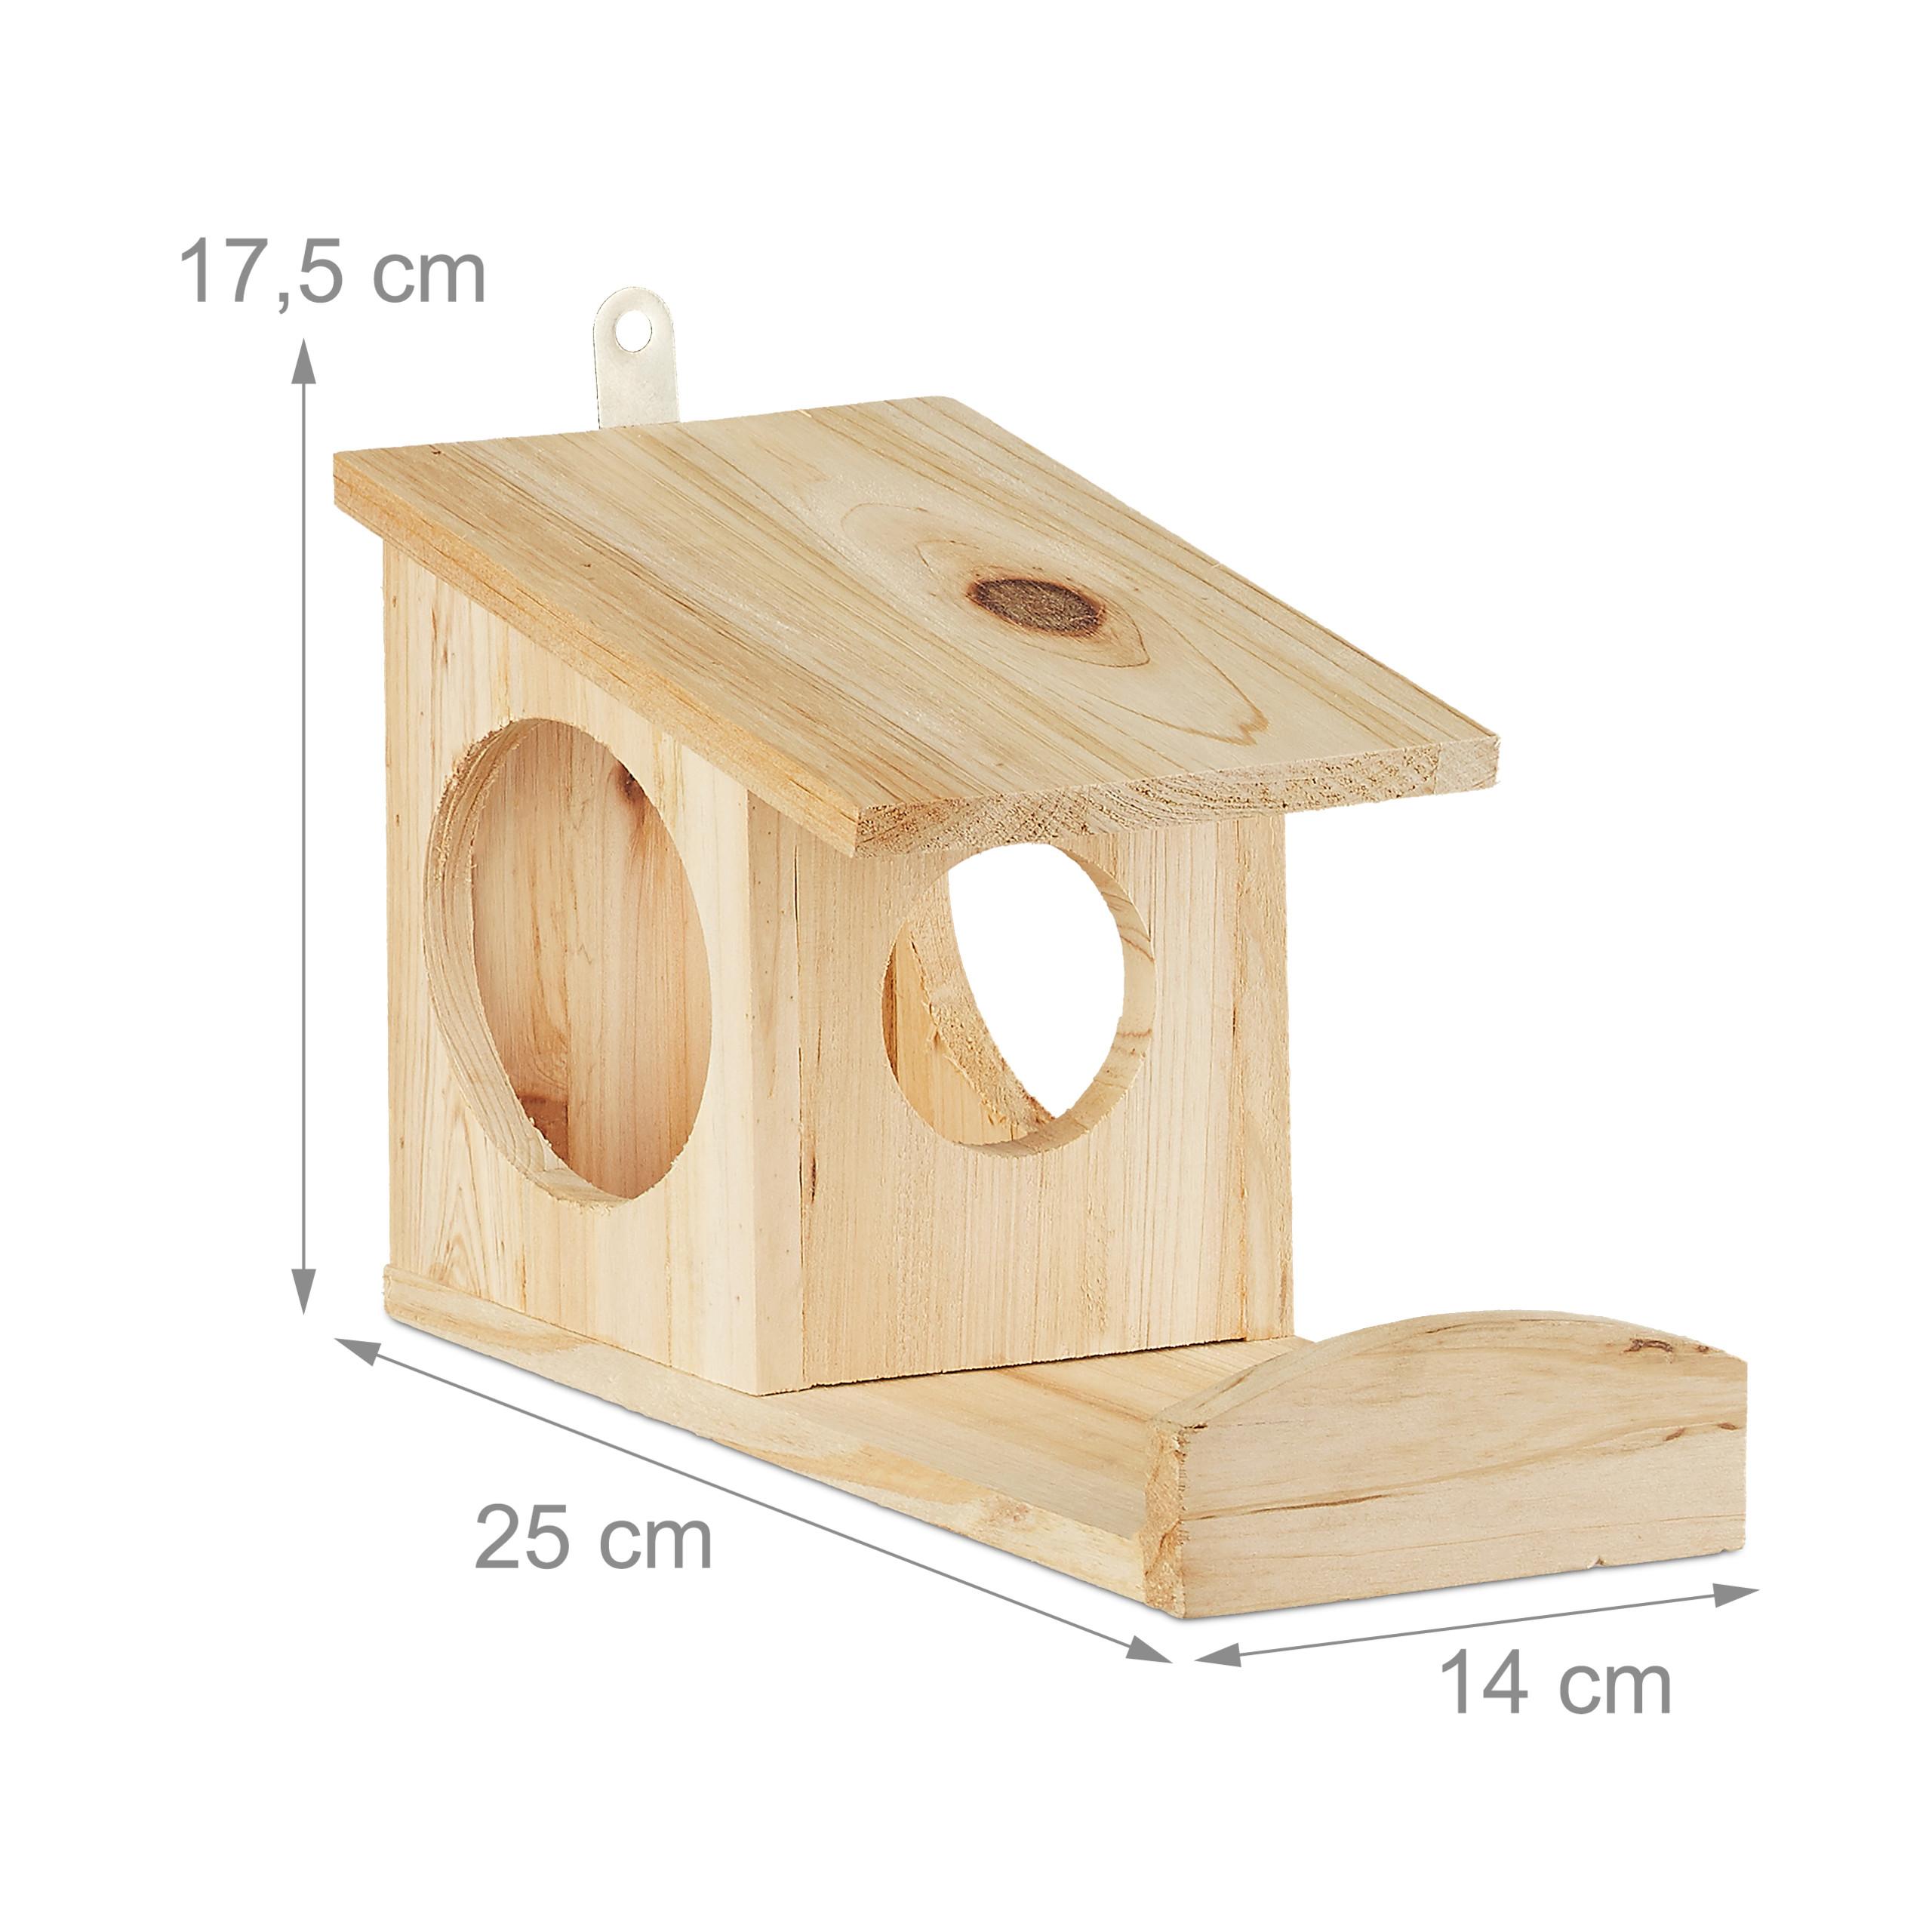 miniatuur 11 - eekhoorn voederhuisje - voederhuis - voederkast - voederbak - hout - voederplek